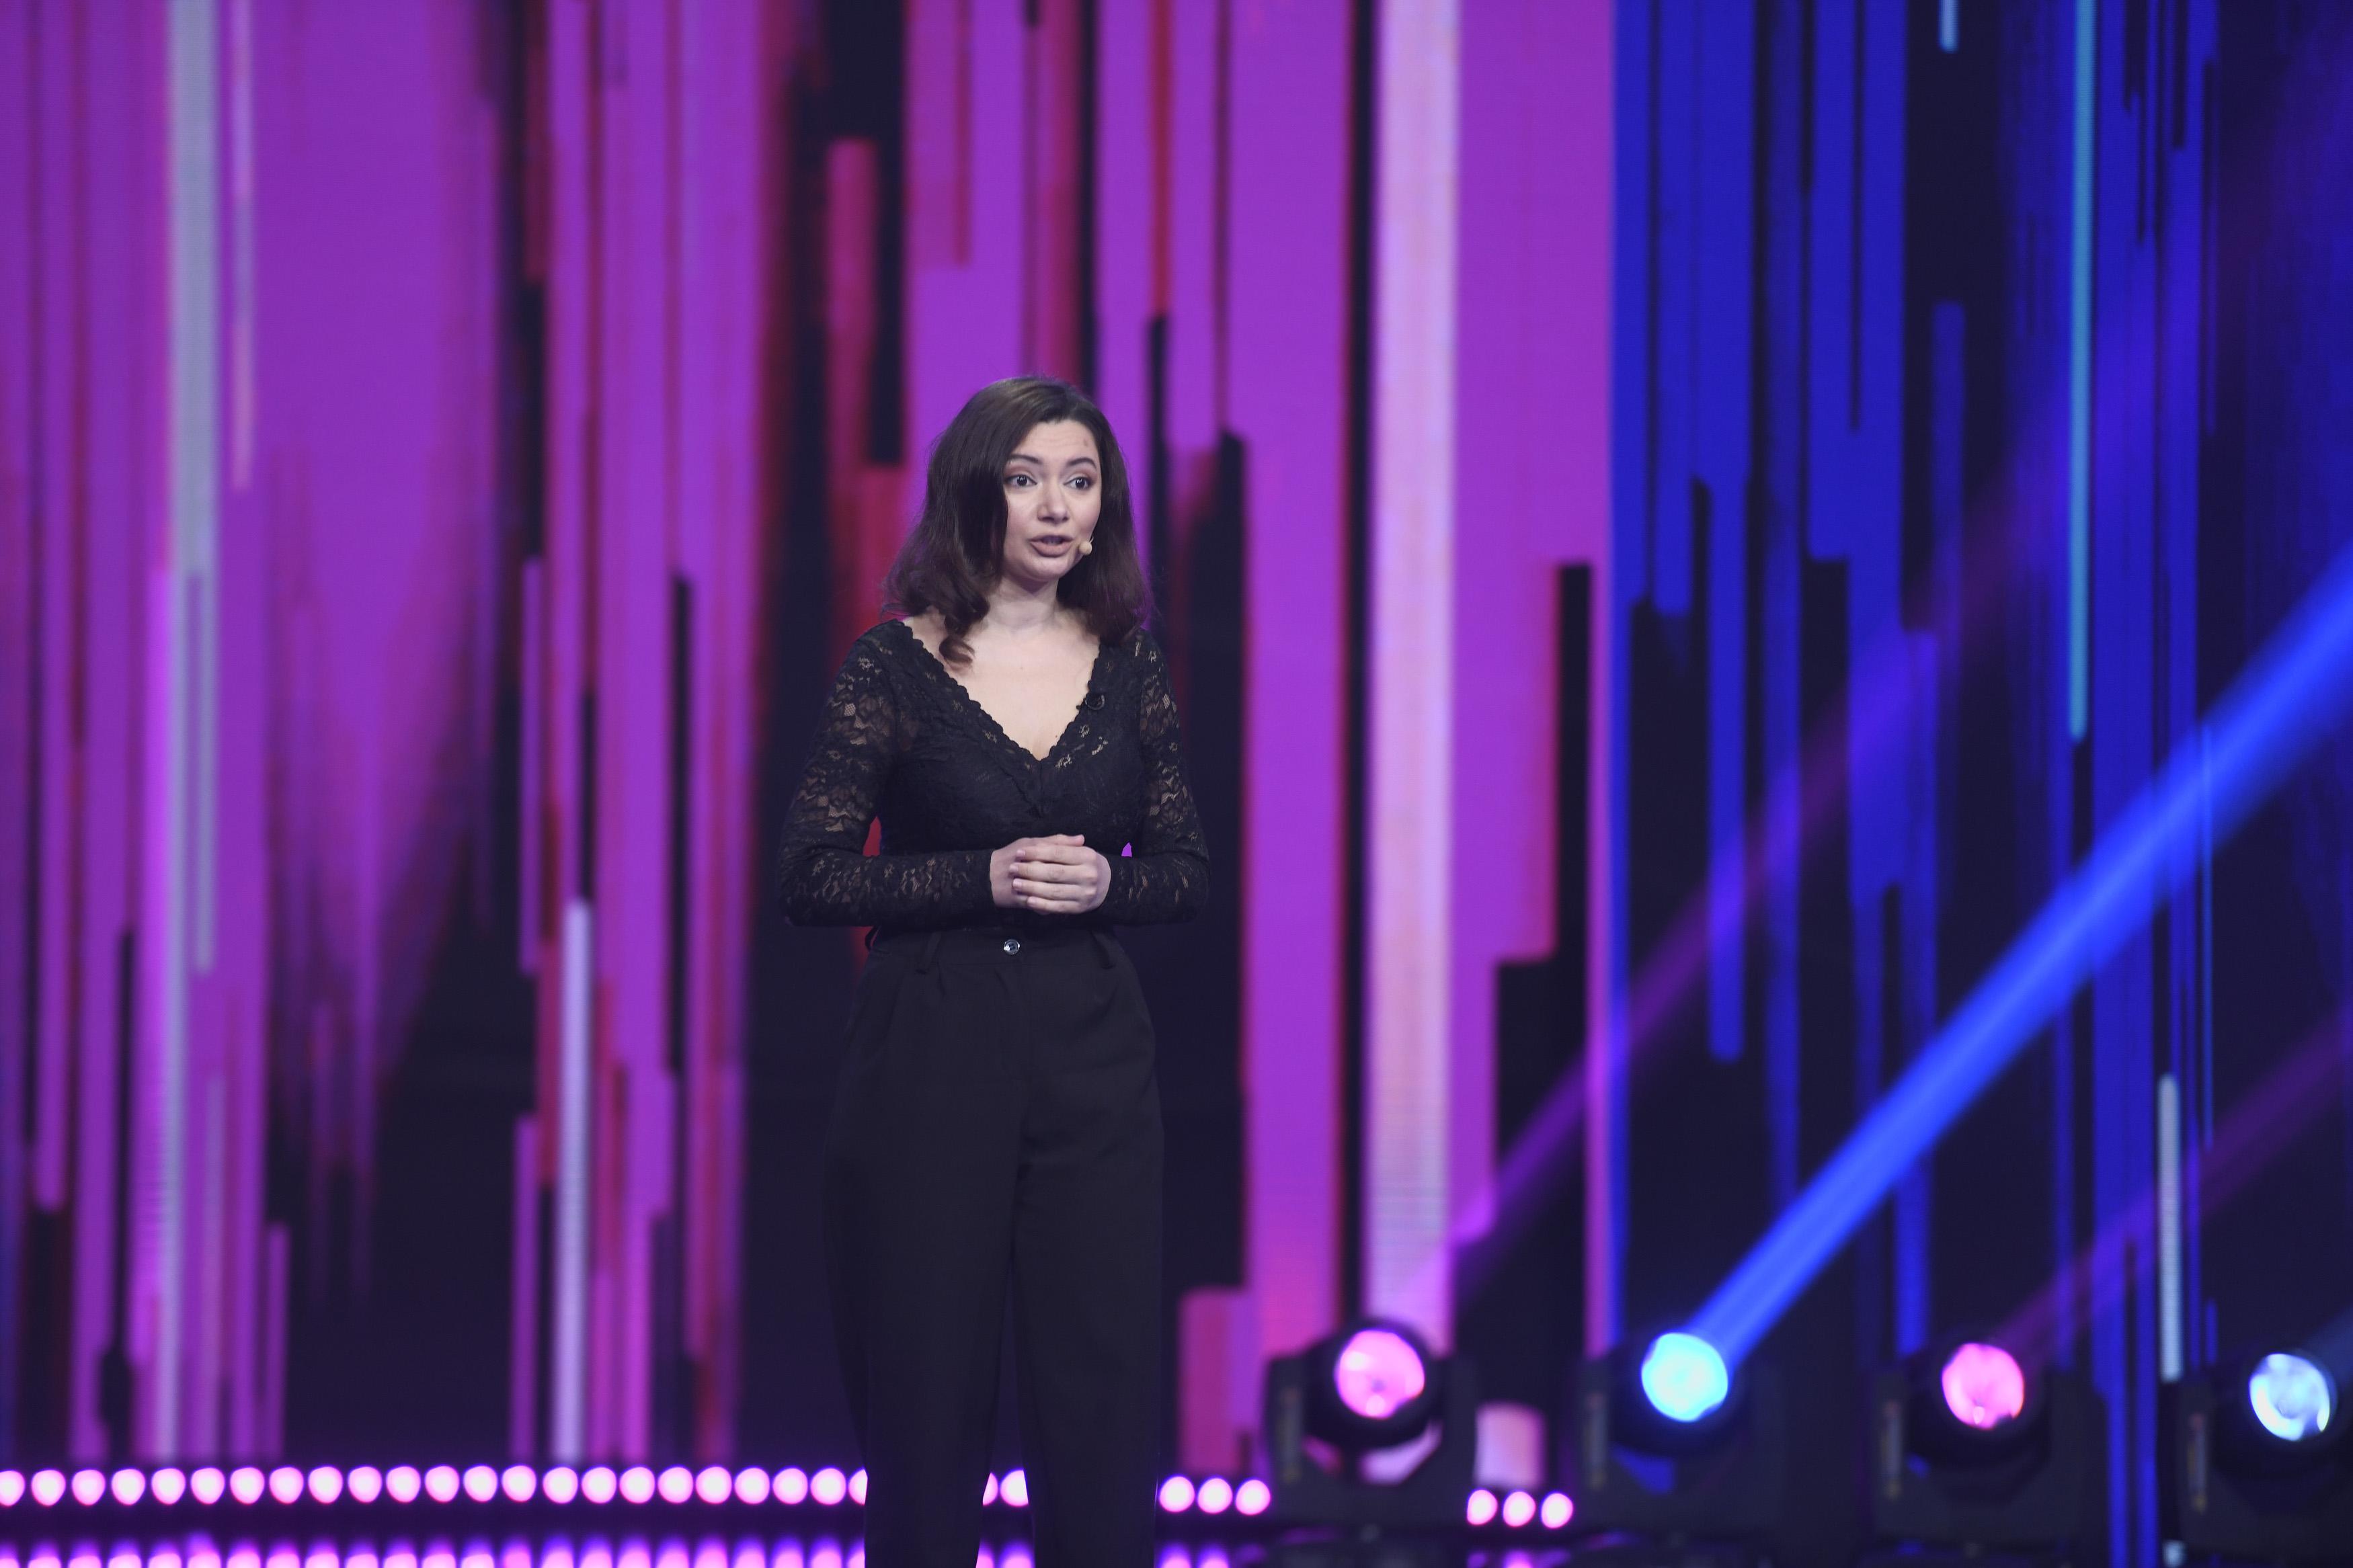 iUmor 2020, Semifinala. Lavinia Dalea, cu glumele la purtător, a vorbit despre pisica lui Schrodinger